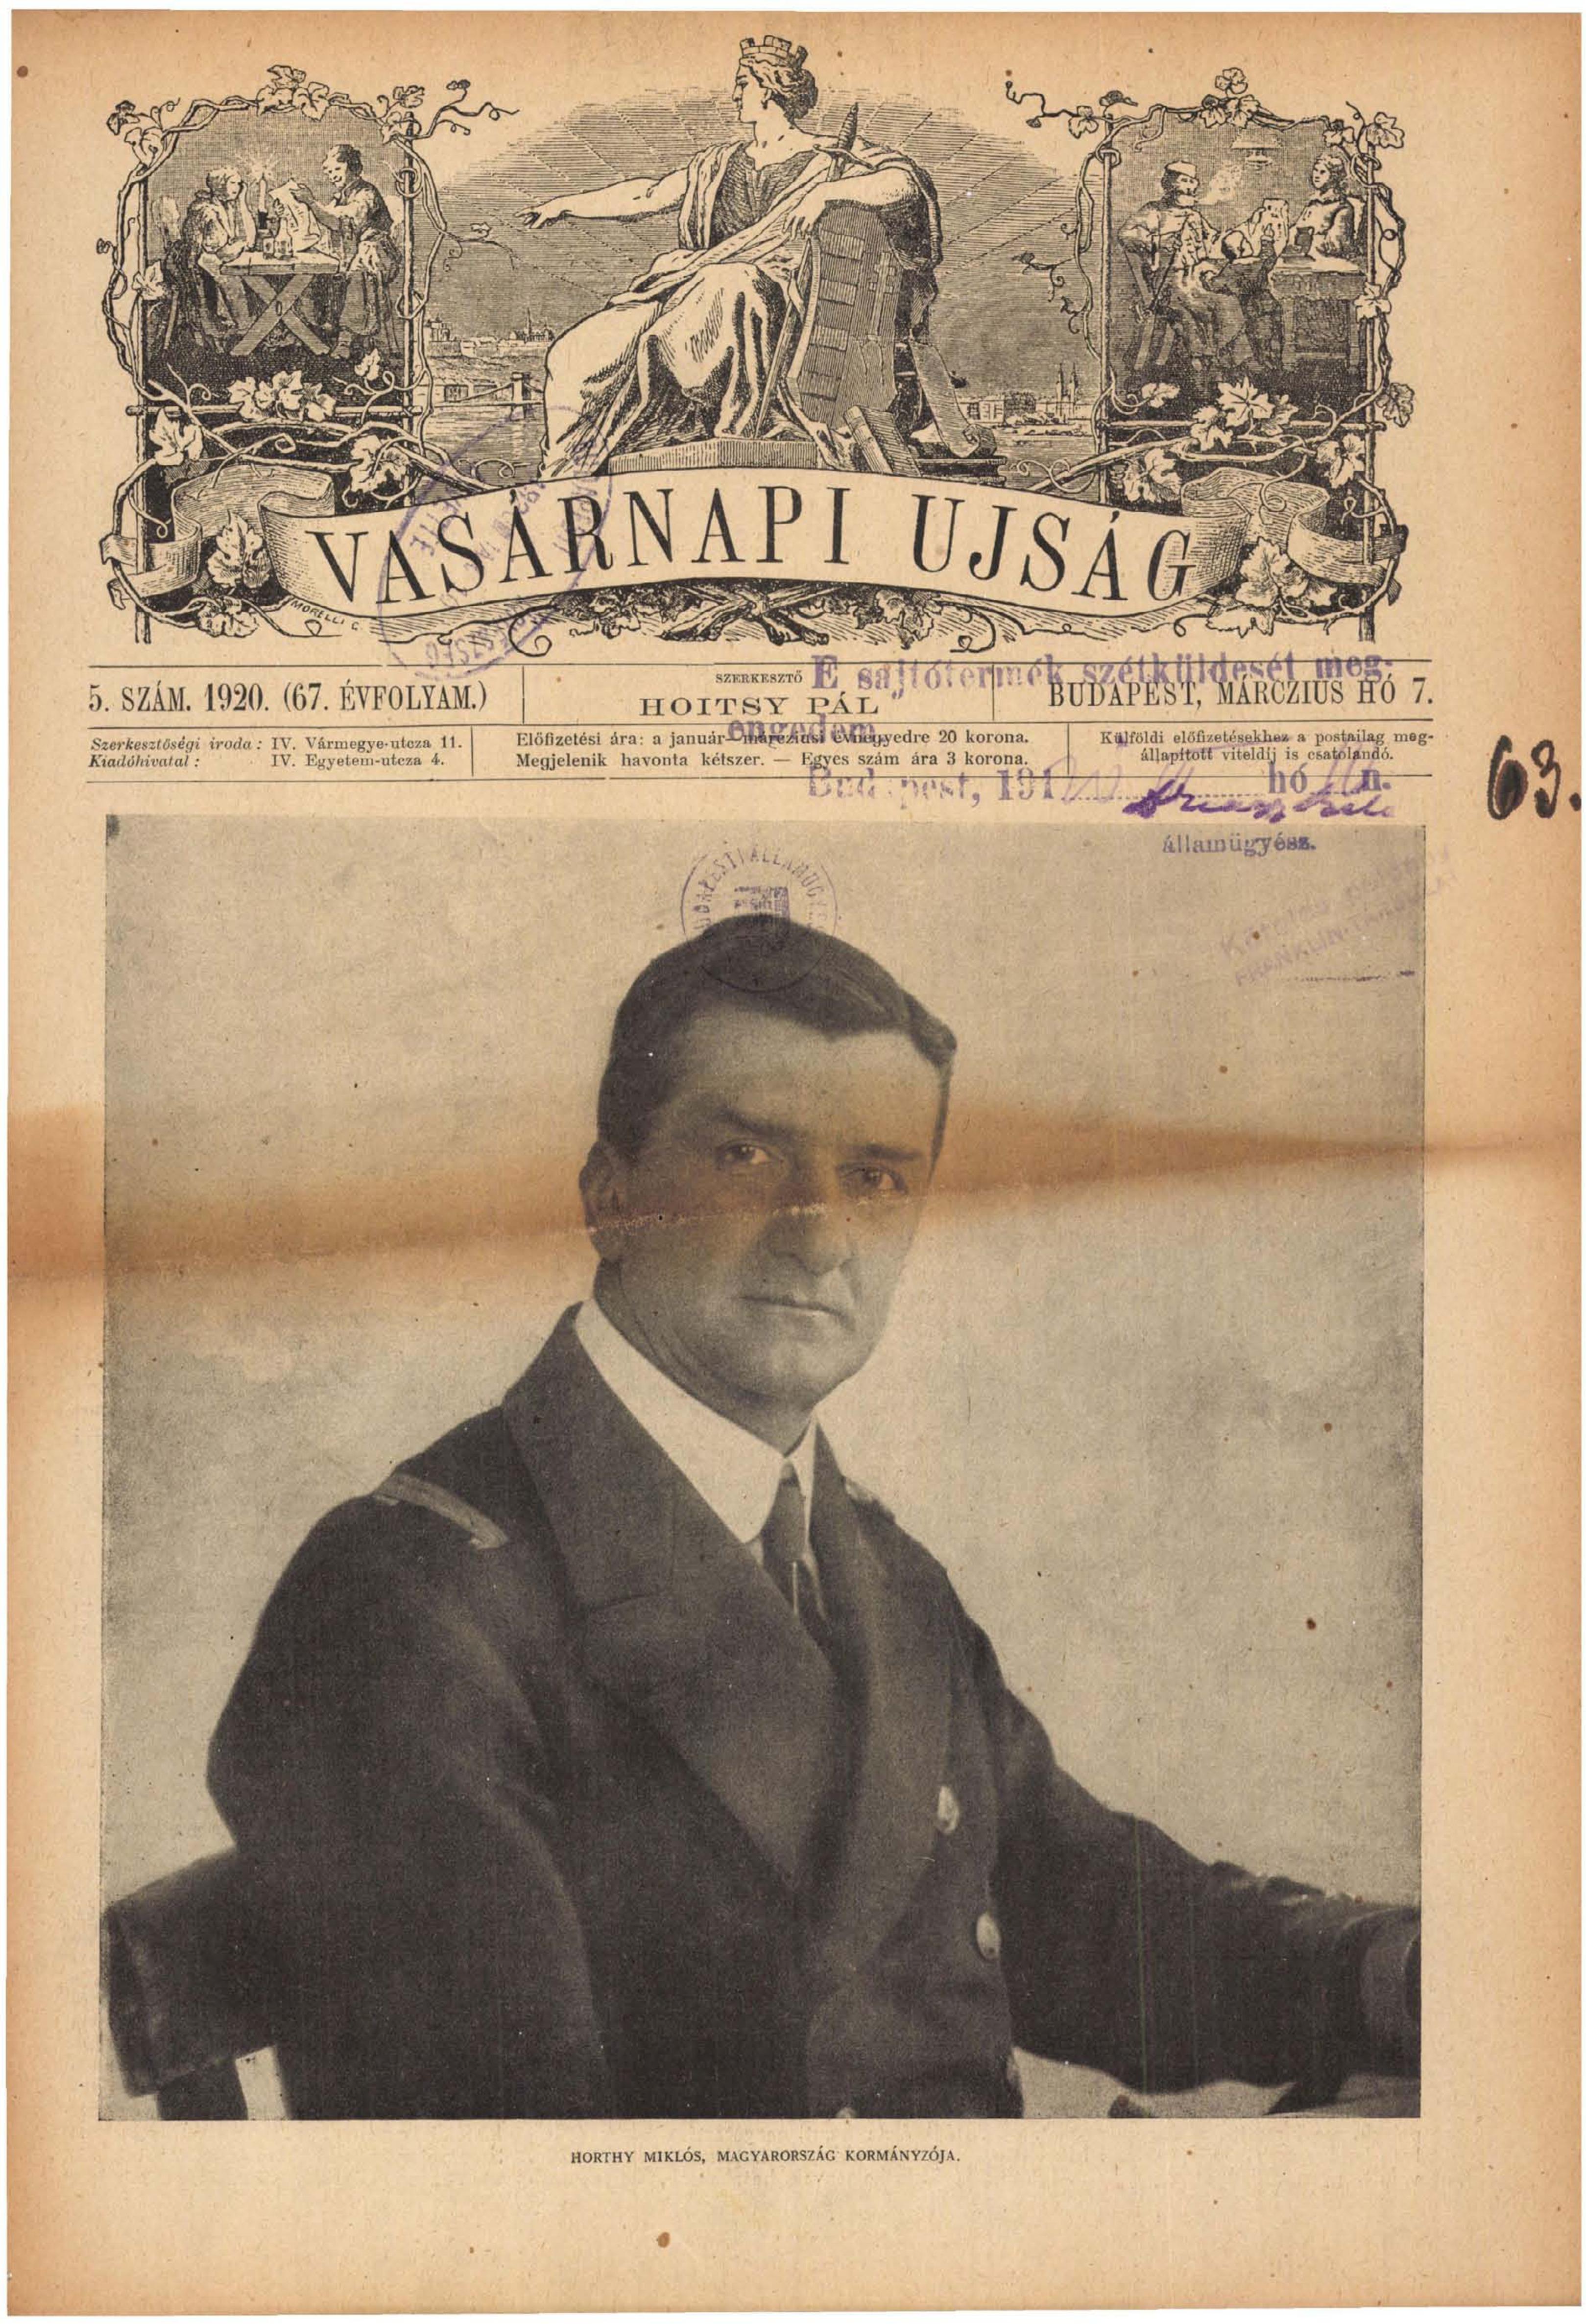 vasarnapiujsag_1920_pages52-52-page-0.jpg